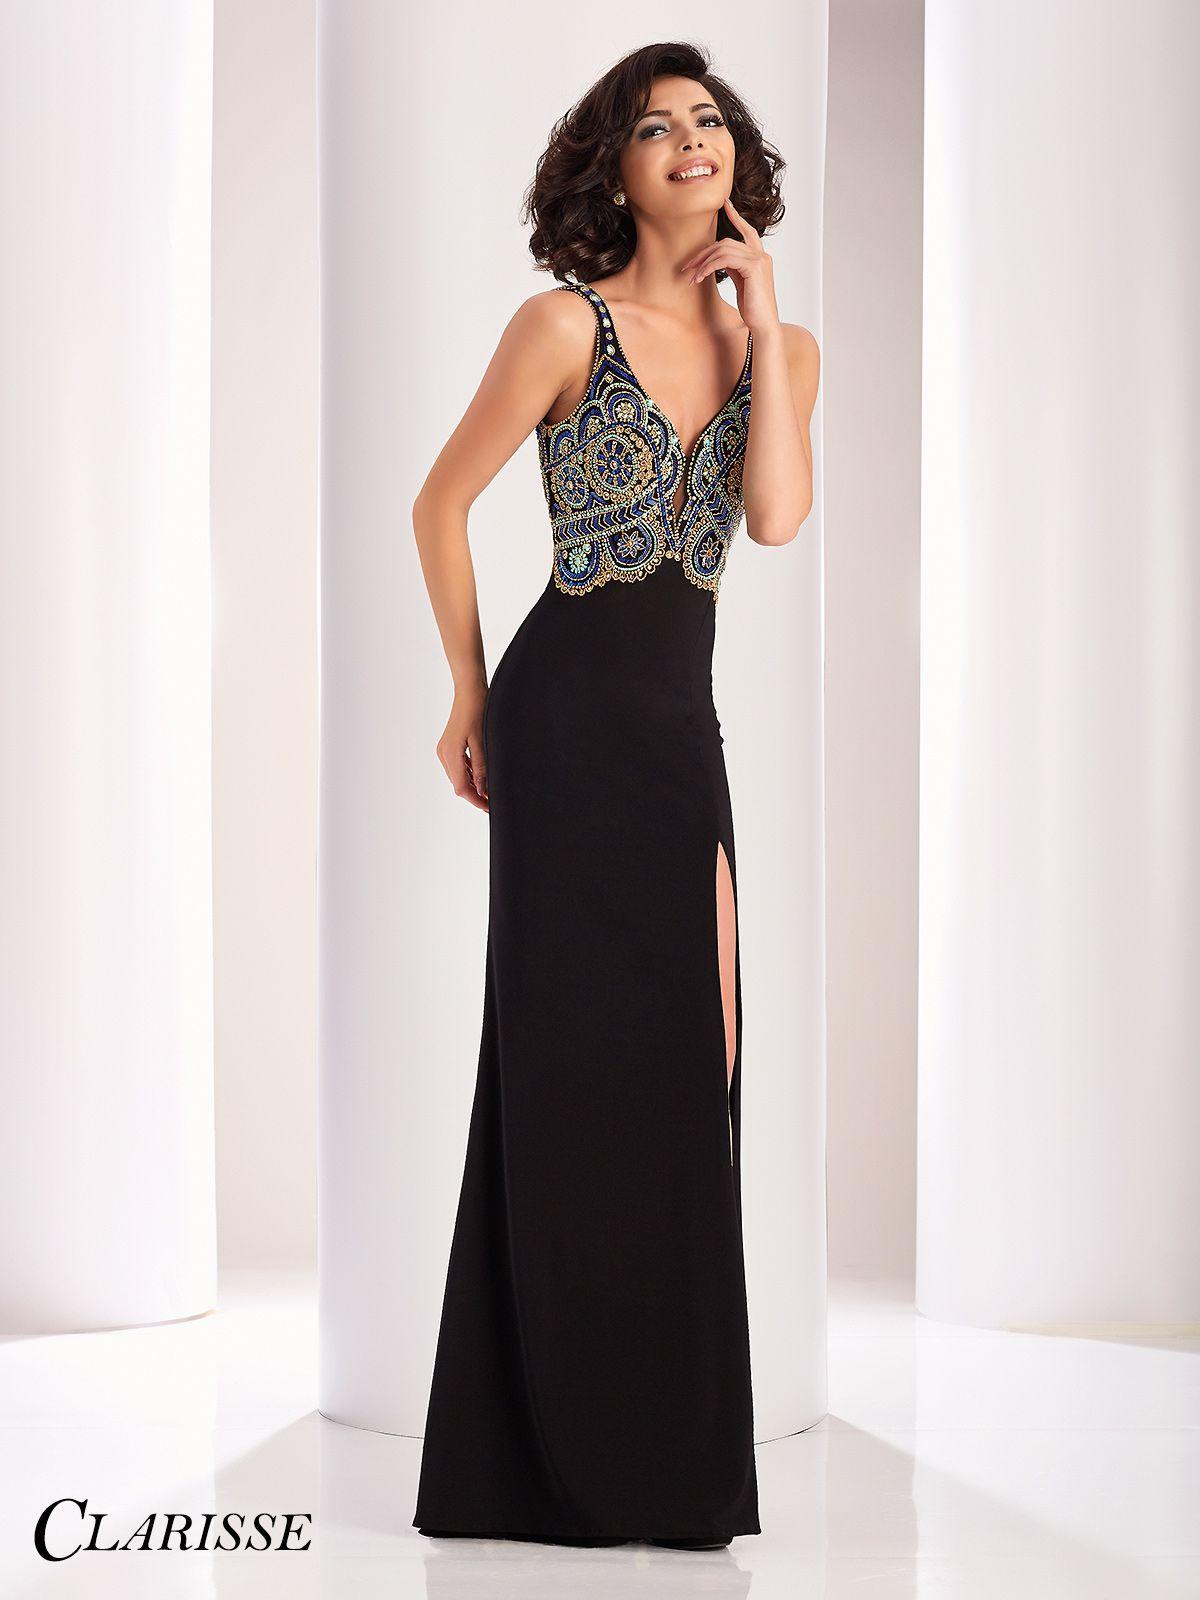 Clarisse Multicolor Beaded Black Prom Dress 4828